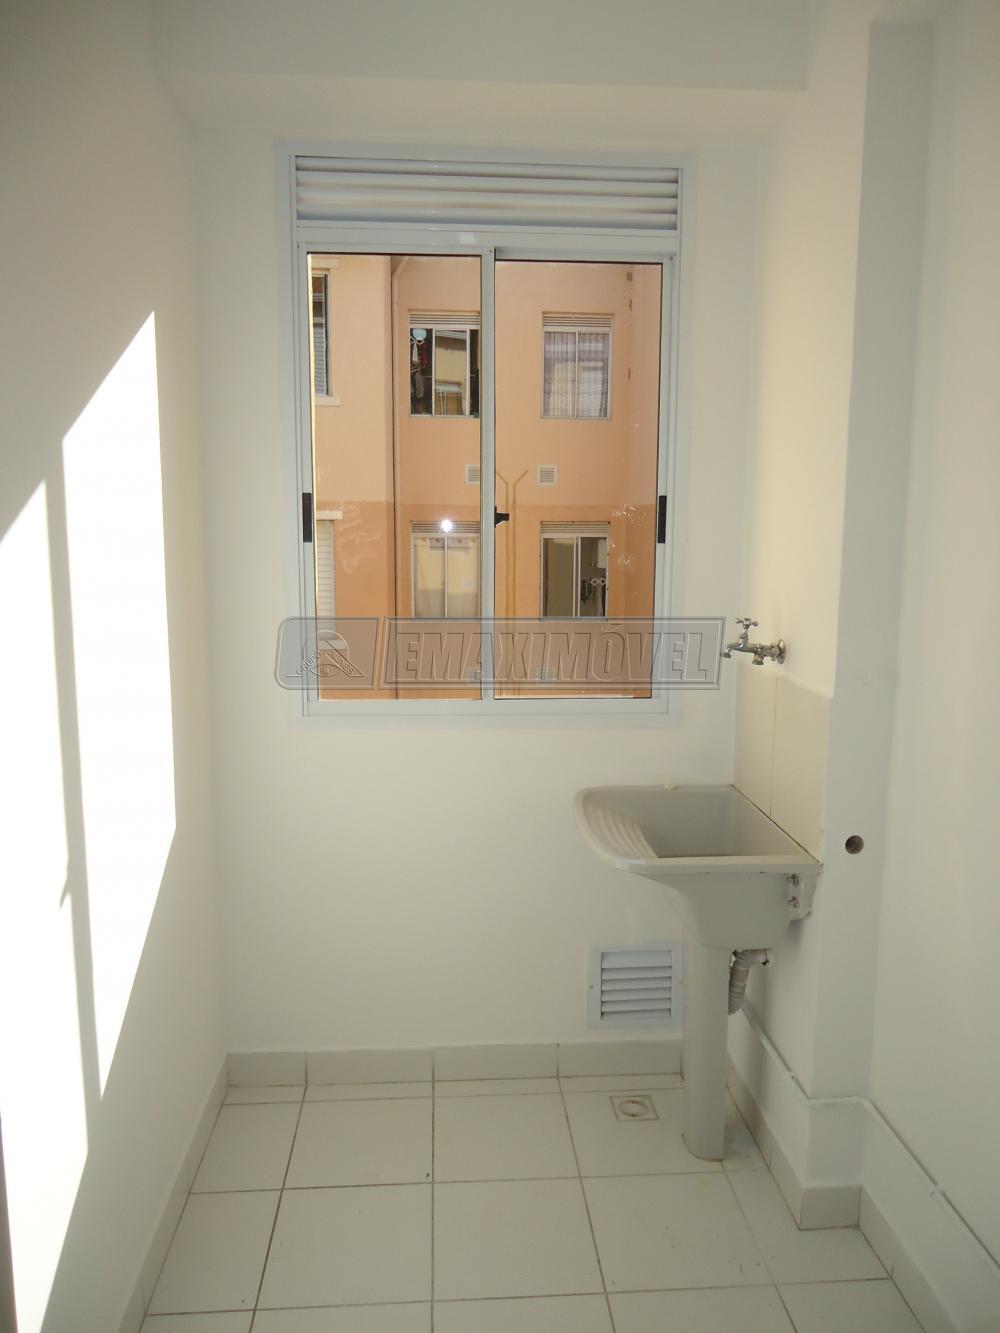 Alugar Apartamentos / Apto Padrão em Votorantim apenas R$ 800,00 - Foto 11